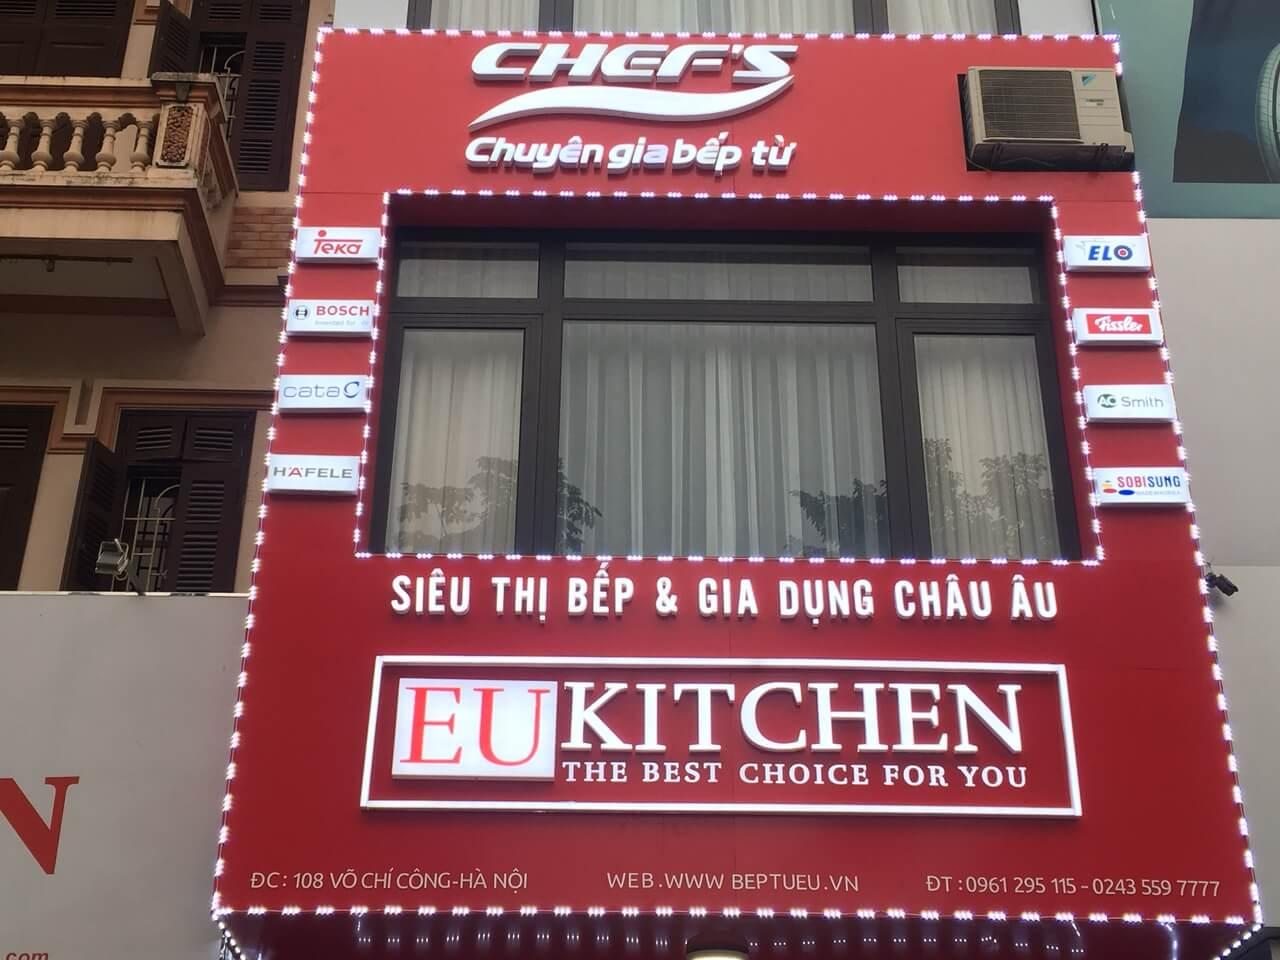 Hải Dương: Đại lý bếp từ nhập khẩu Châu Âu chính hãng - Eukitchen